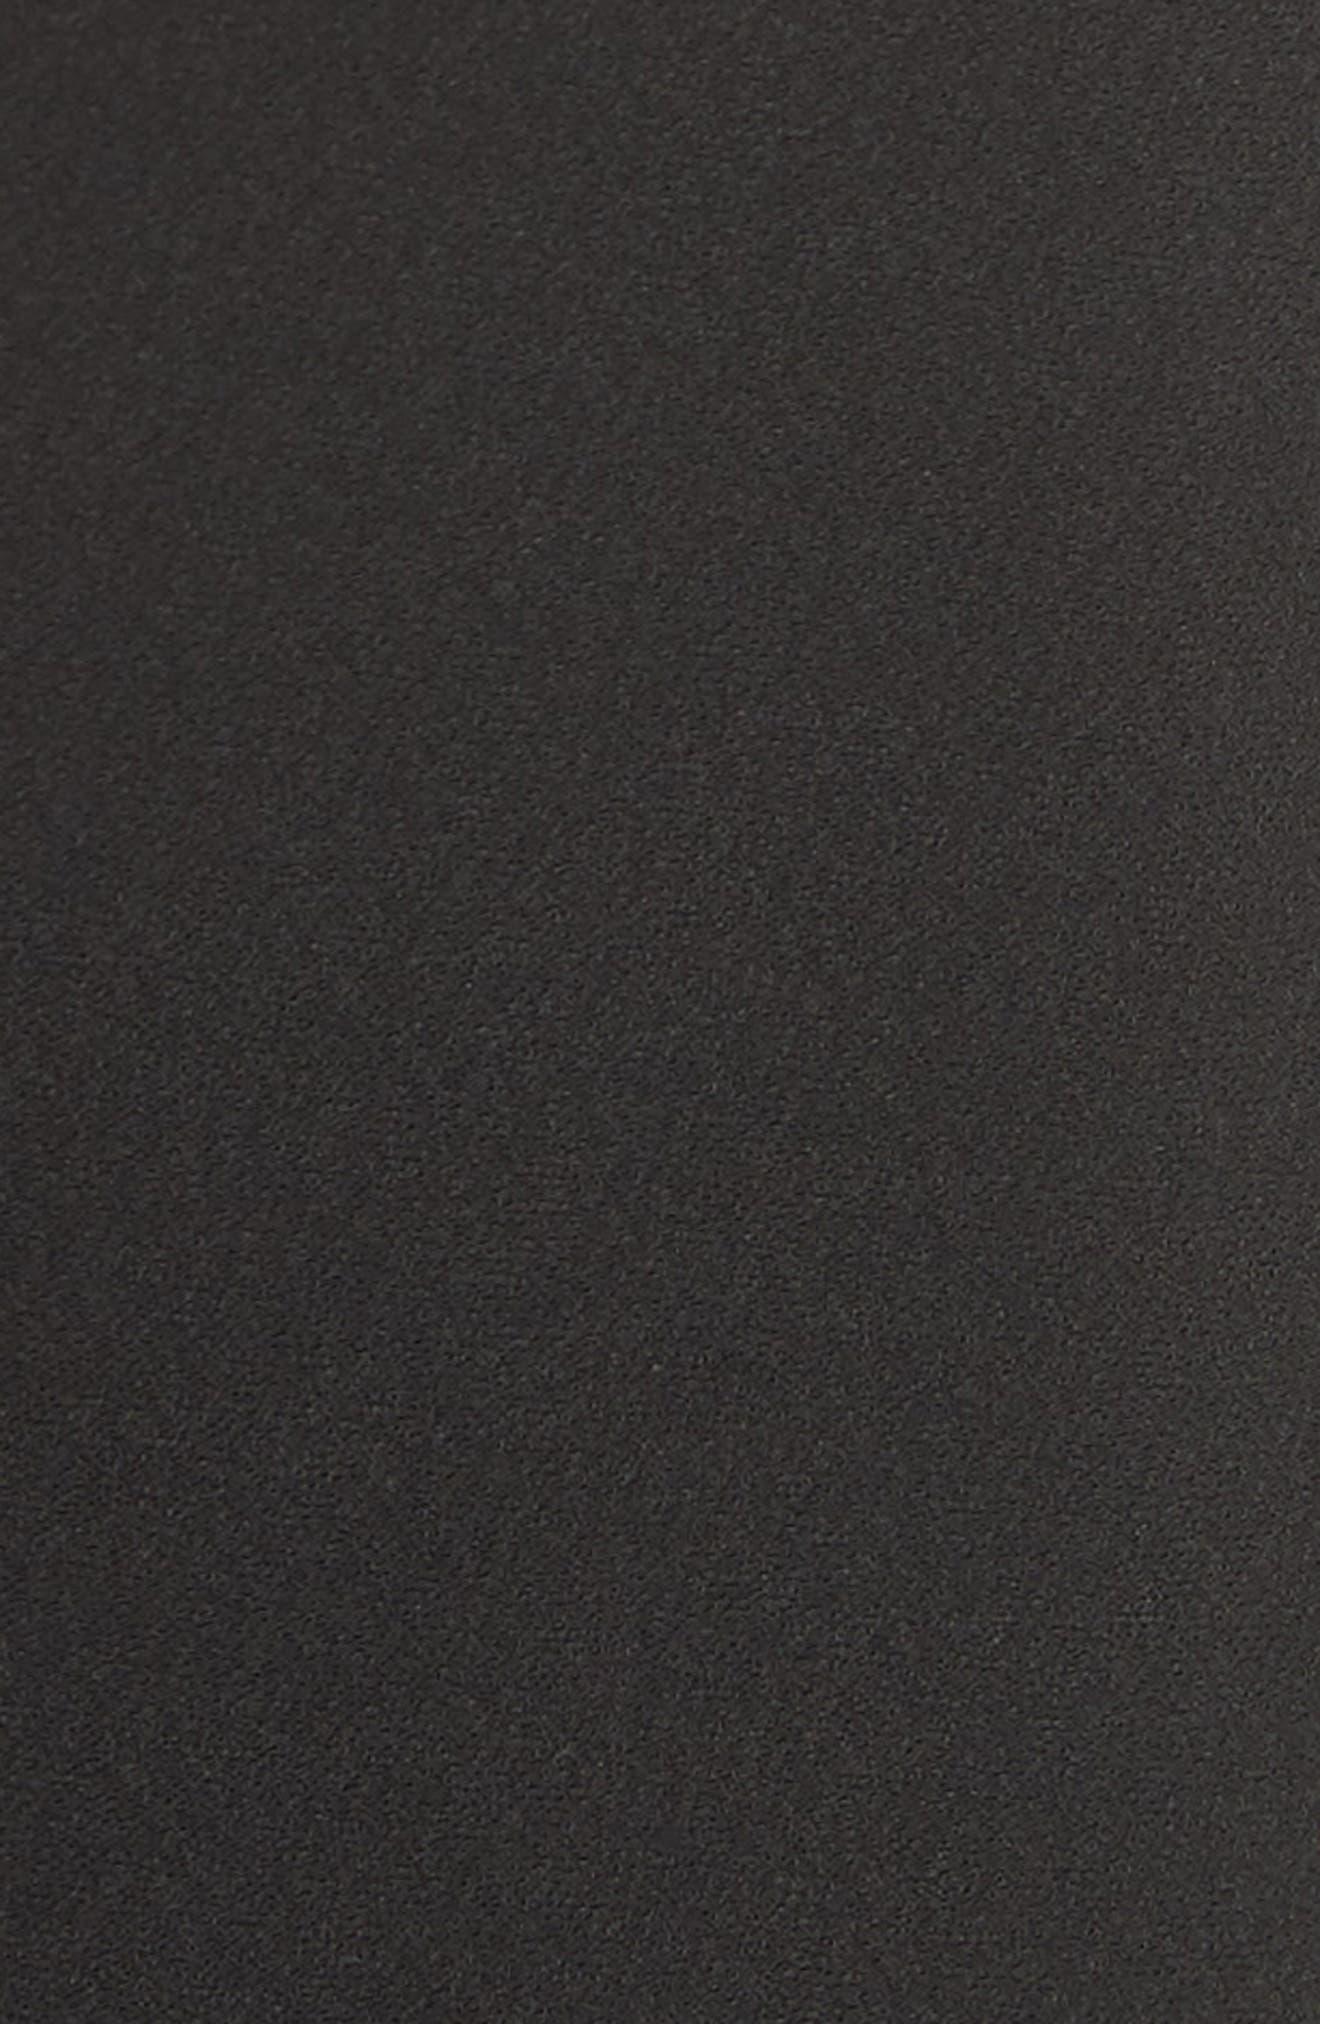 Button Trim Jogger Pants,                             Alternate thumbnail 5, color,                             001